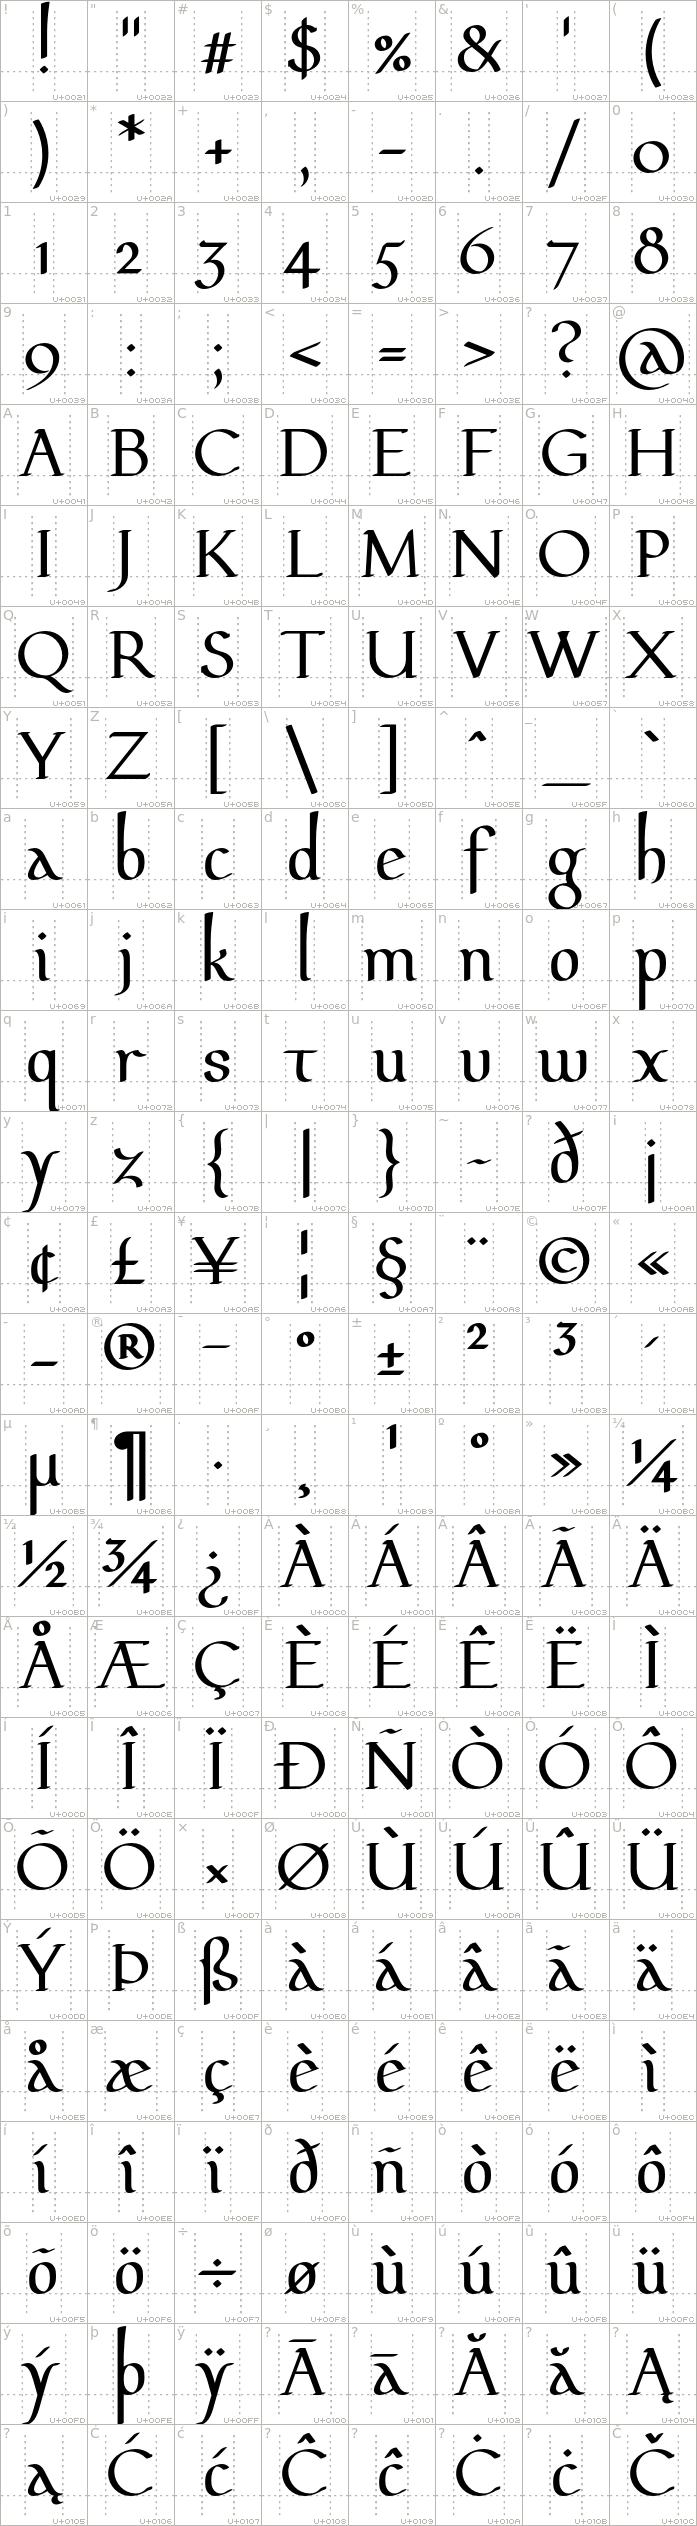 pfeffer-mediaeval.regular.character-map-1